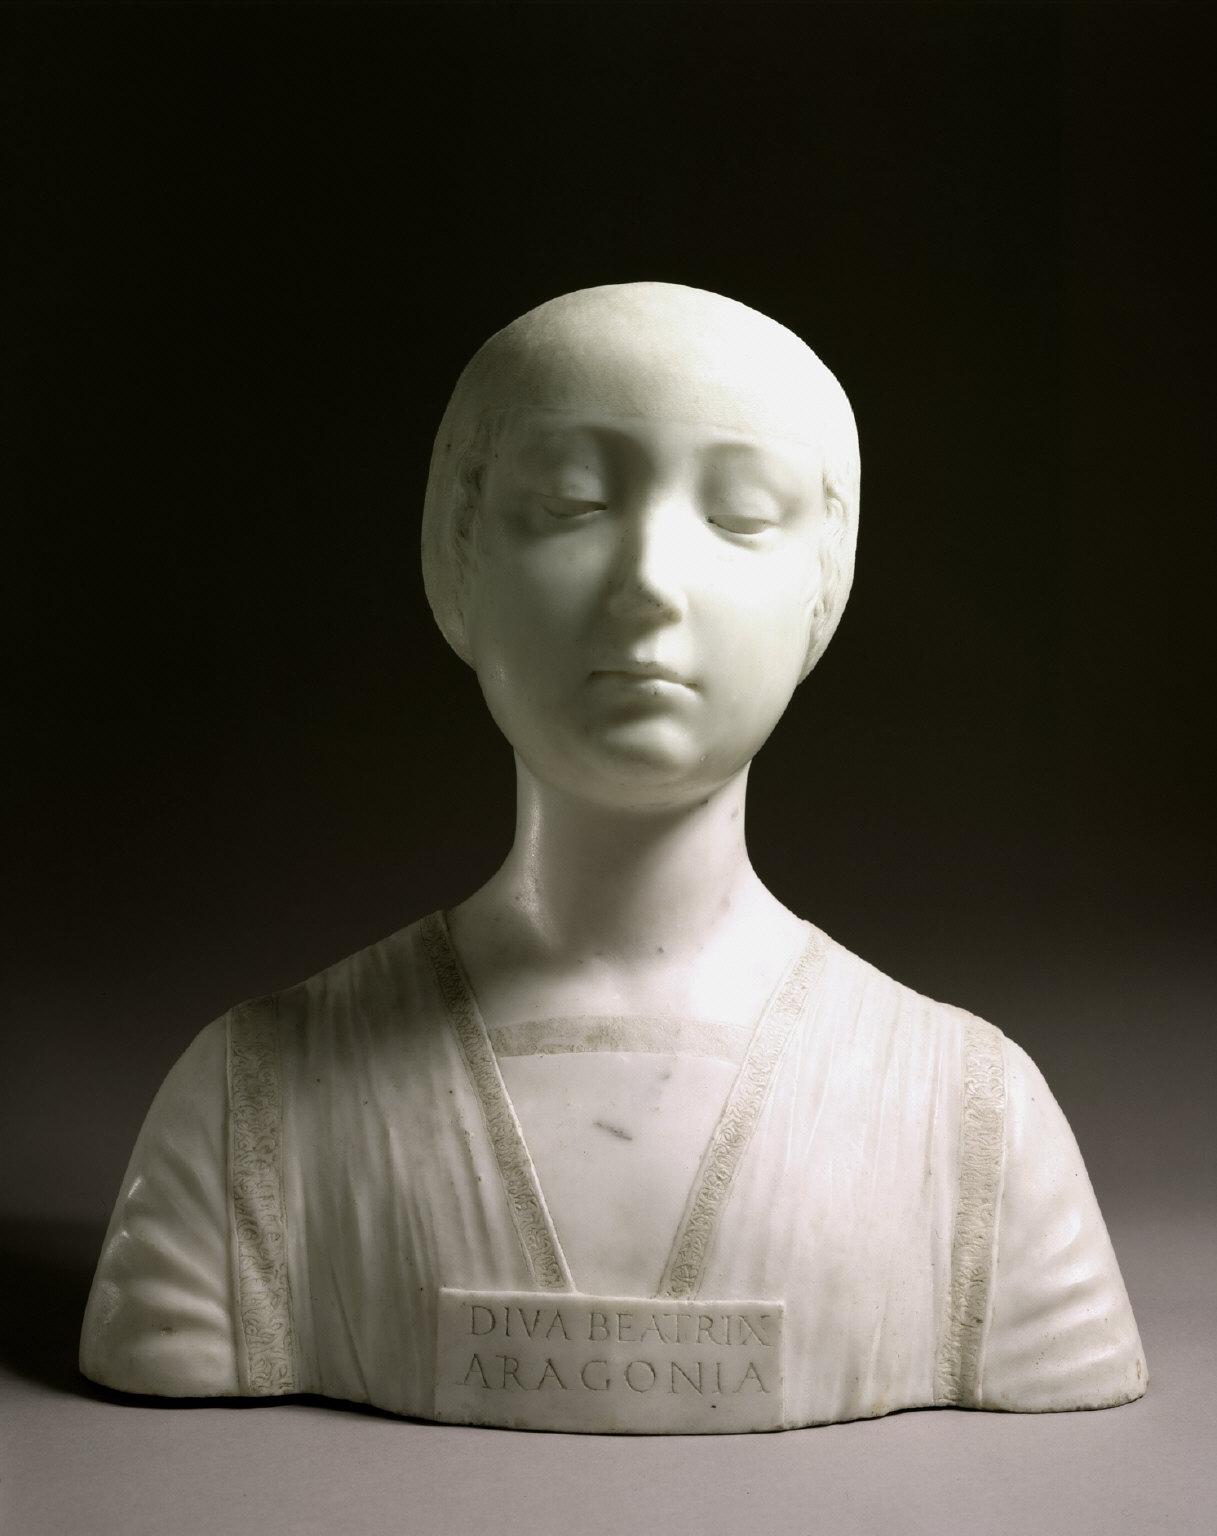 Beatrice of Aragon